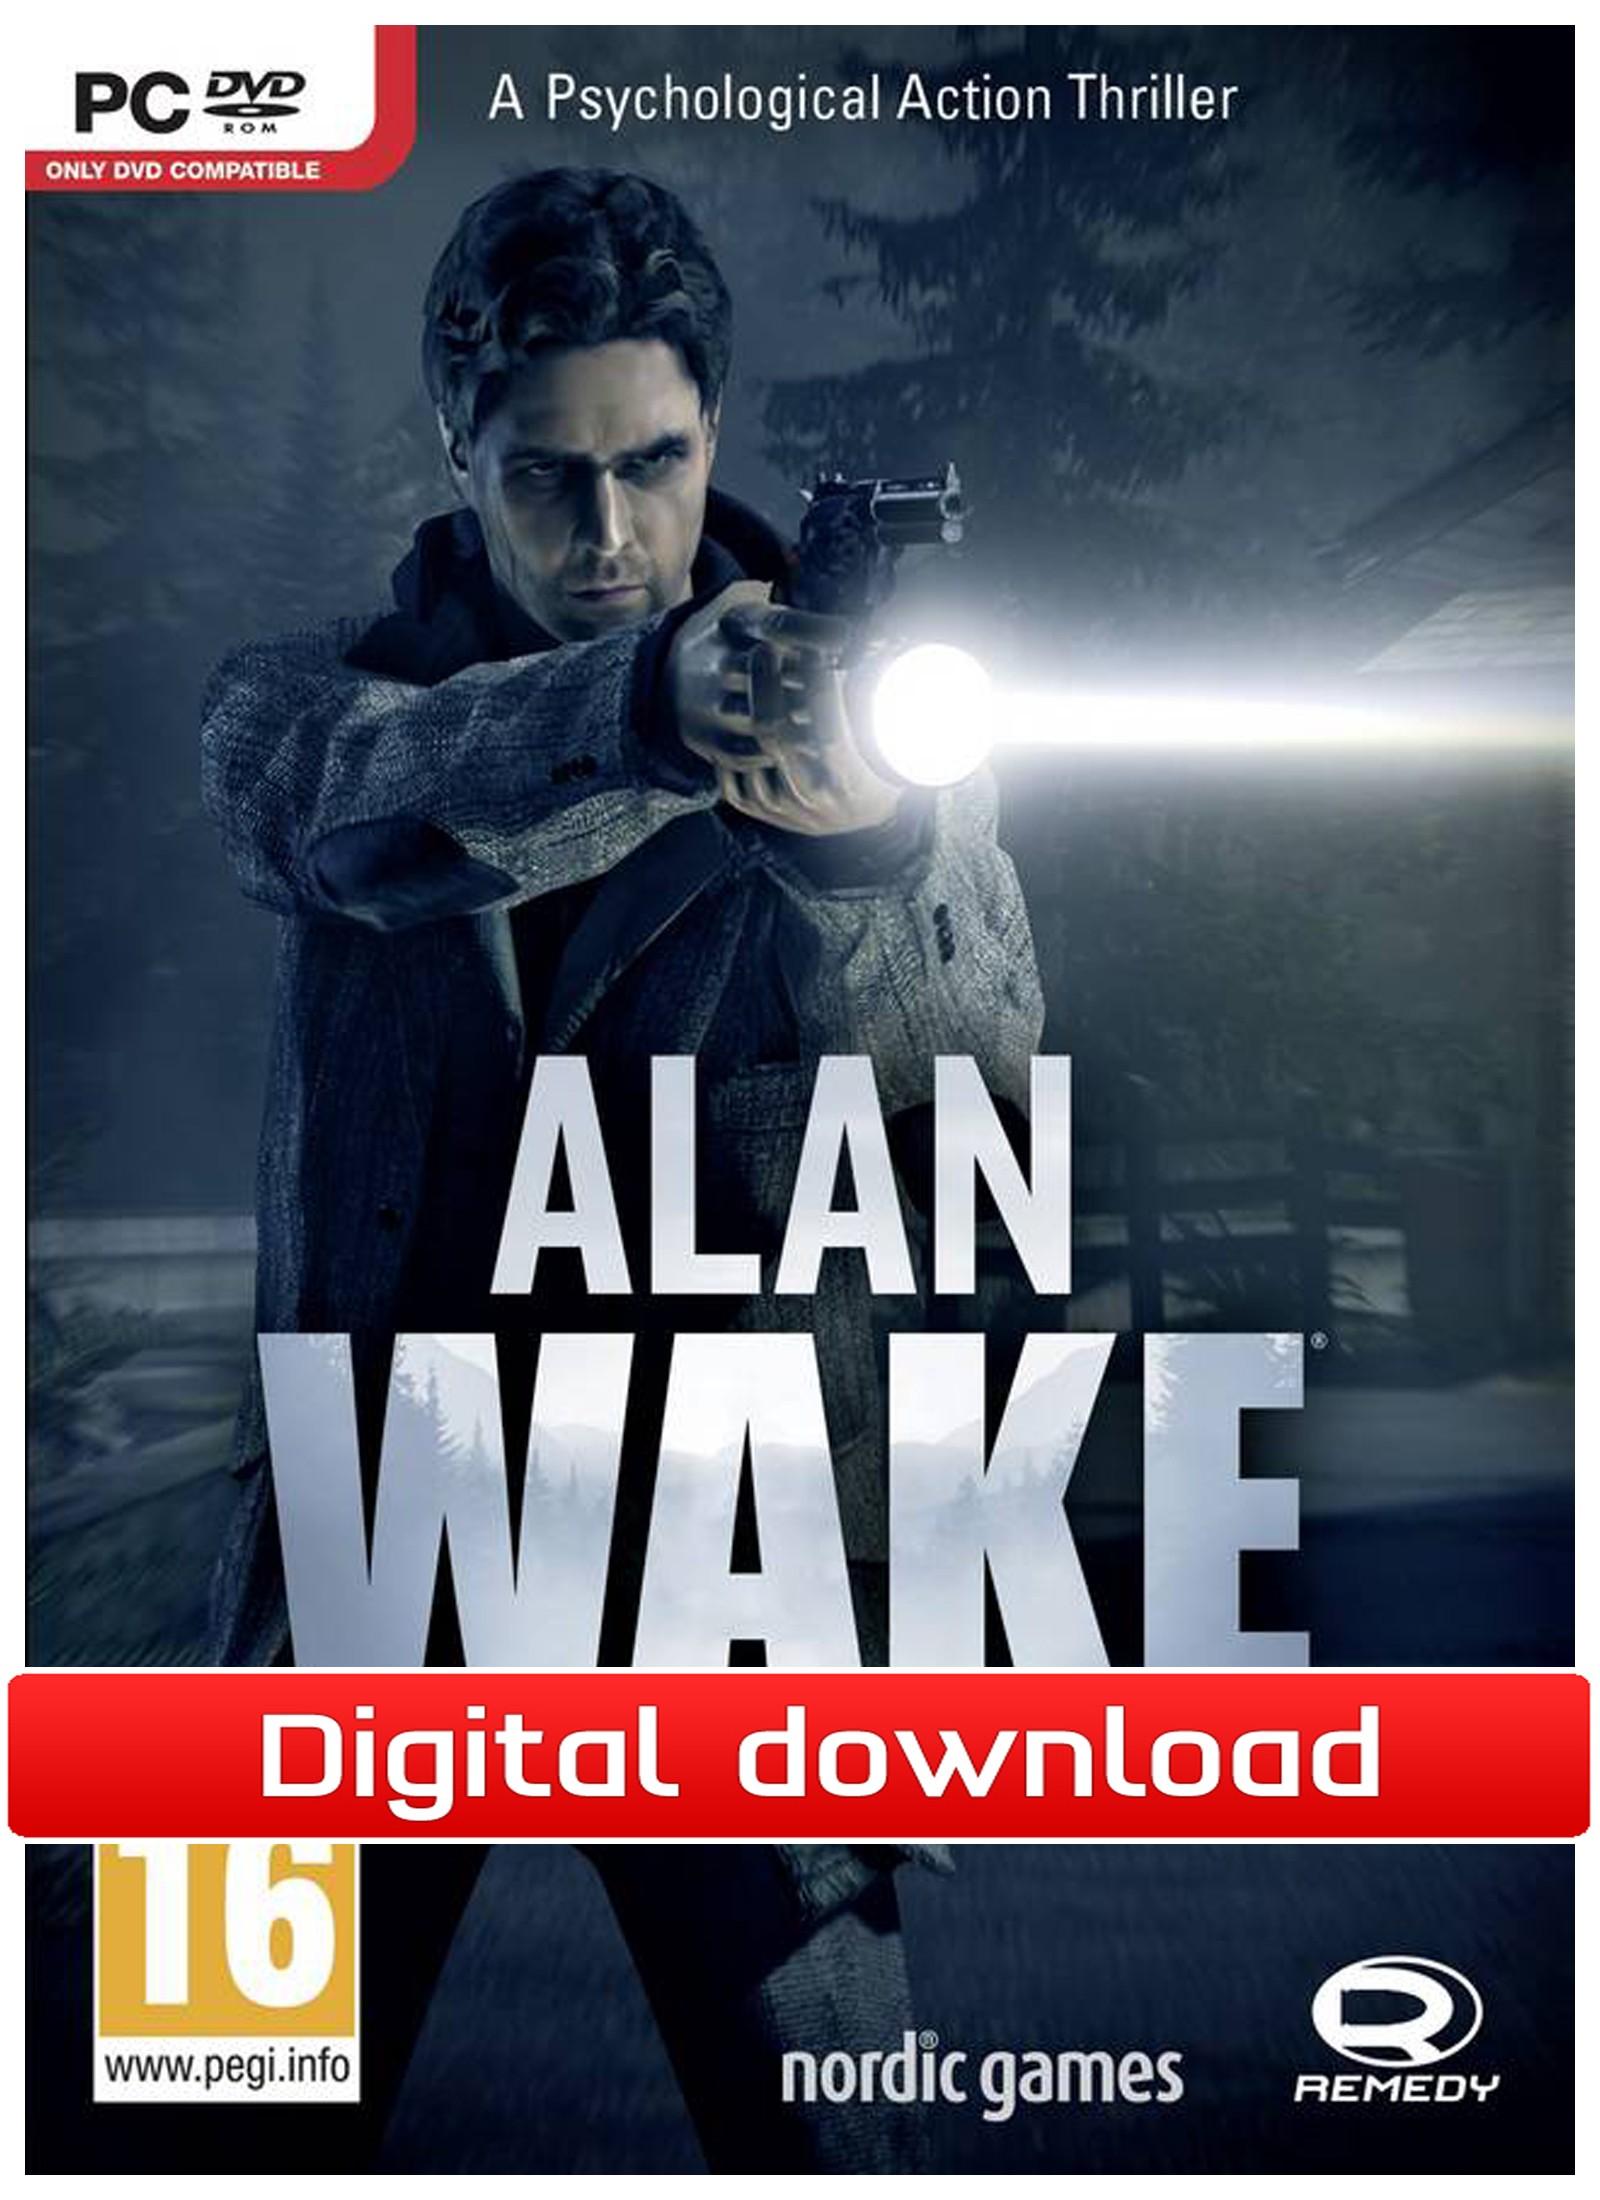 Alan Wake (PC nedlastning) PCDD28640